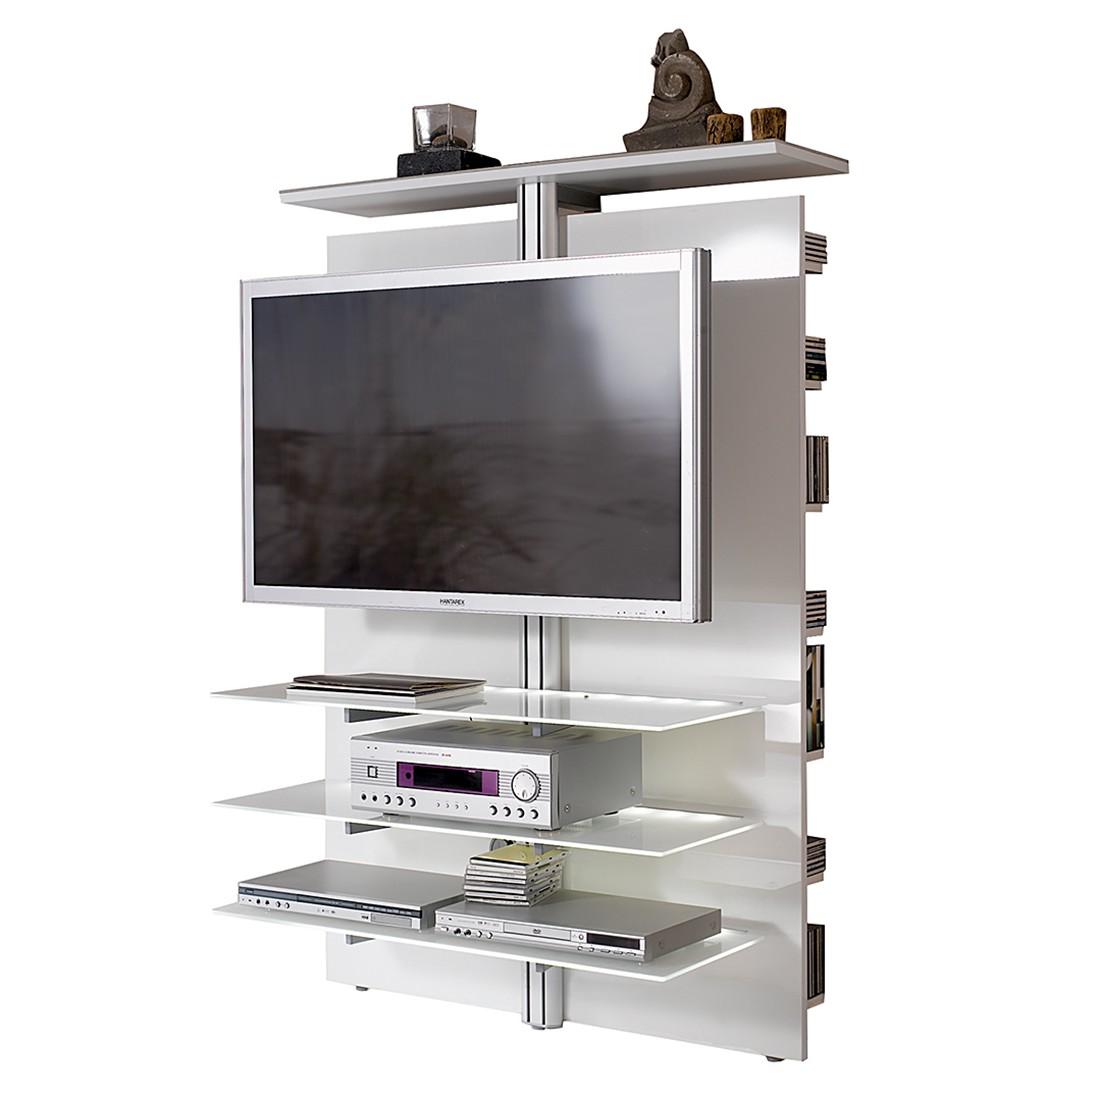 Tv Wand Slc Lcd 1900 Hochglanz Weiß Mit Weißglas Ohne Beleuchtung